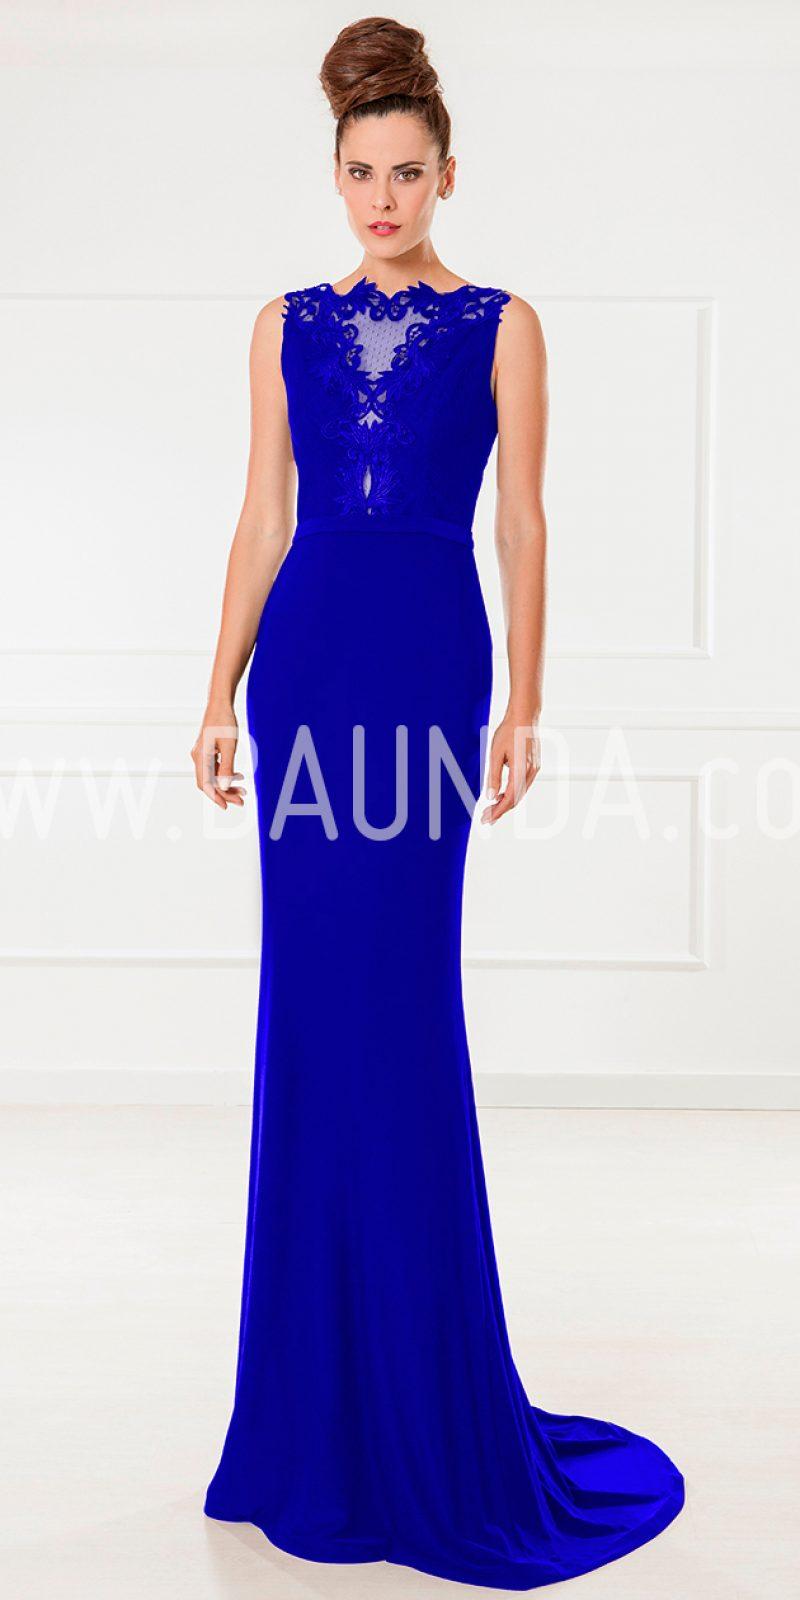 Baunda Vestido de fiesta azulón 2018 XM 9860 en Baunda Madrid y online